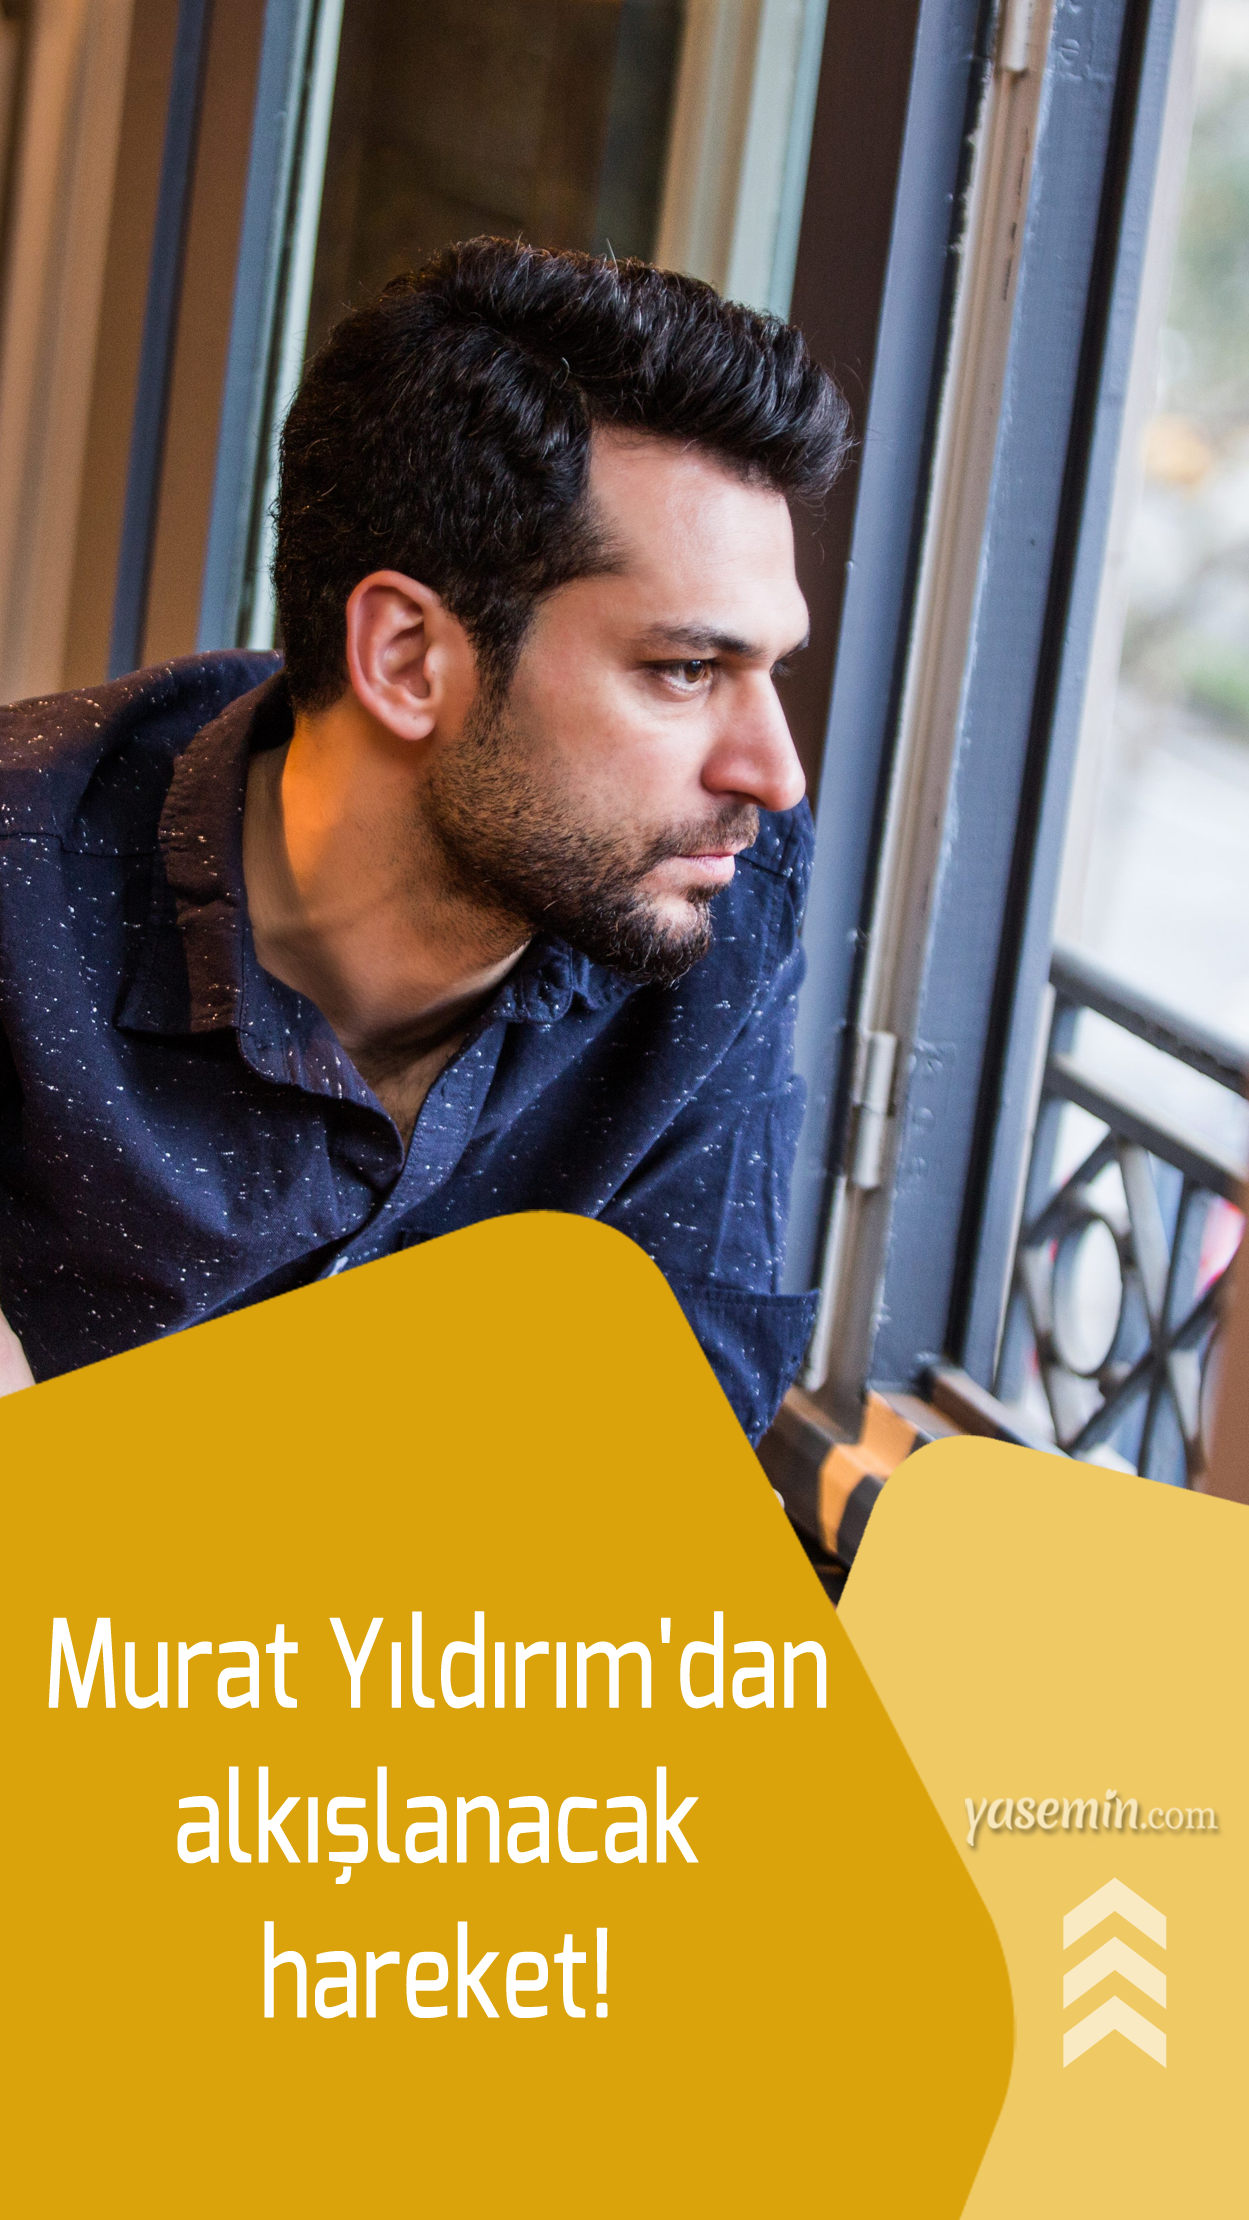 Murat Yildirim Dan Alkislanacak Hareket Hakaret Gencler Iman